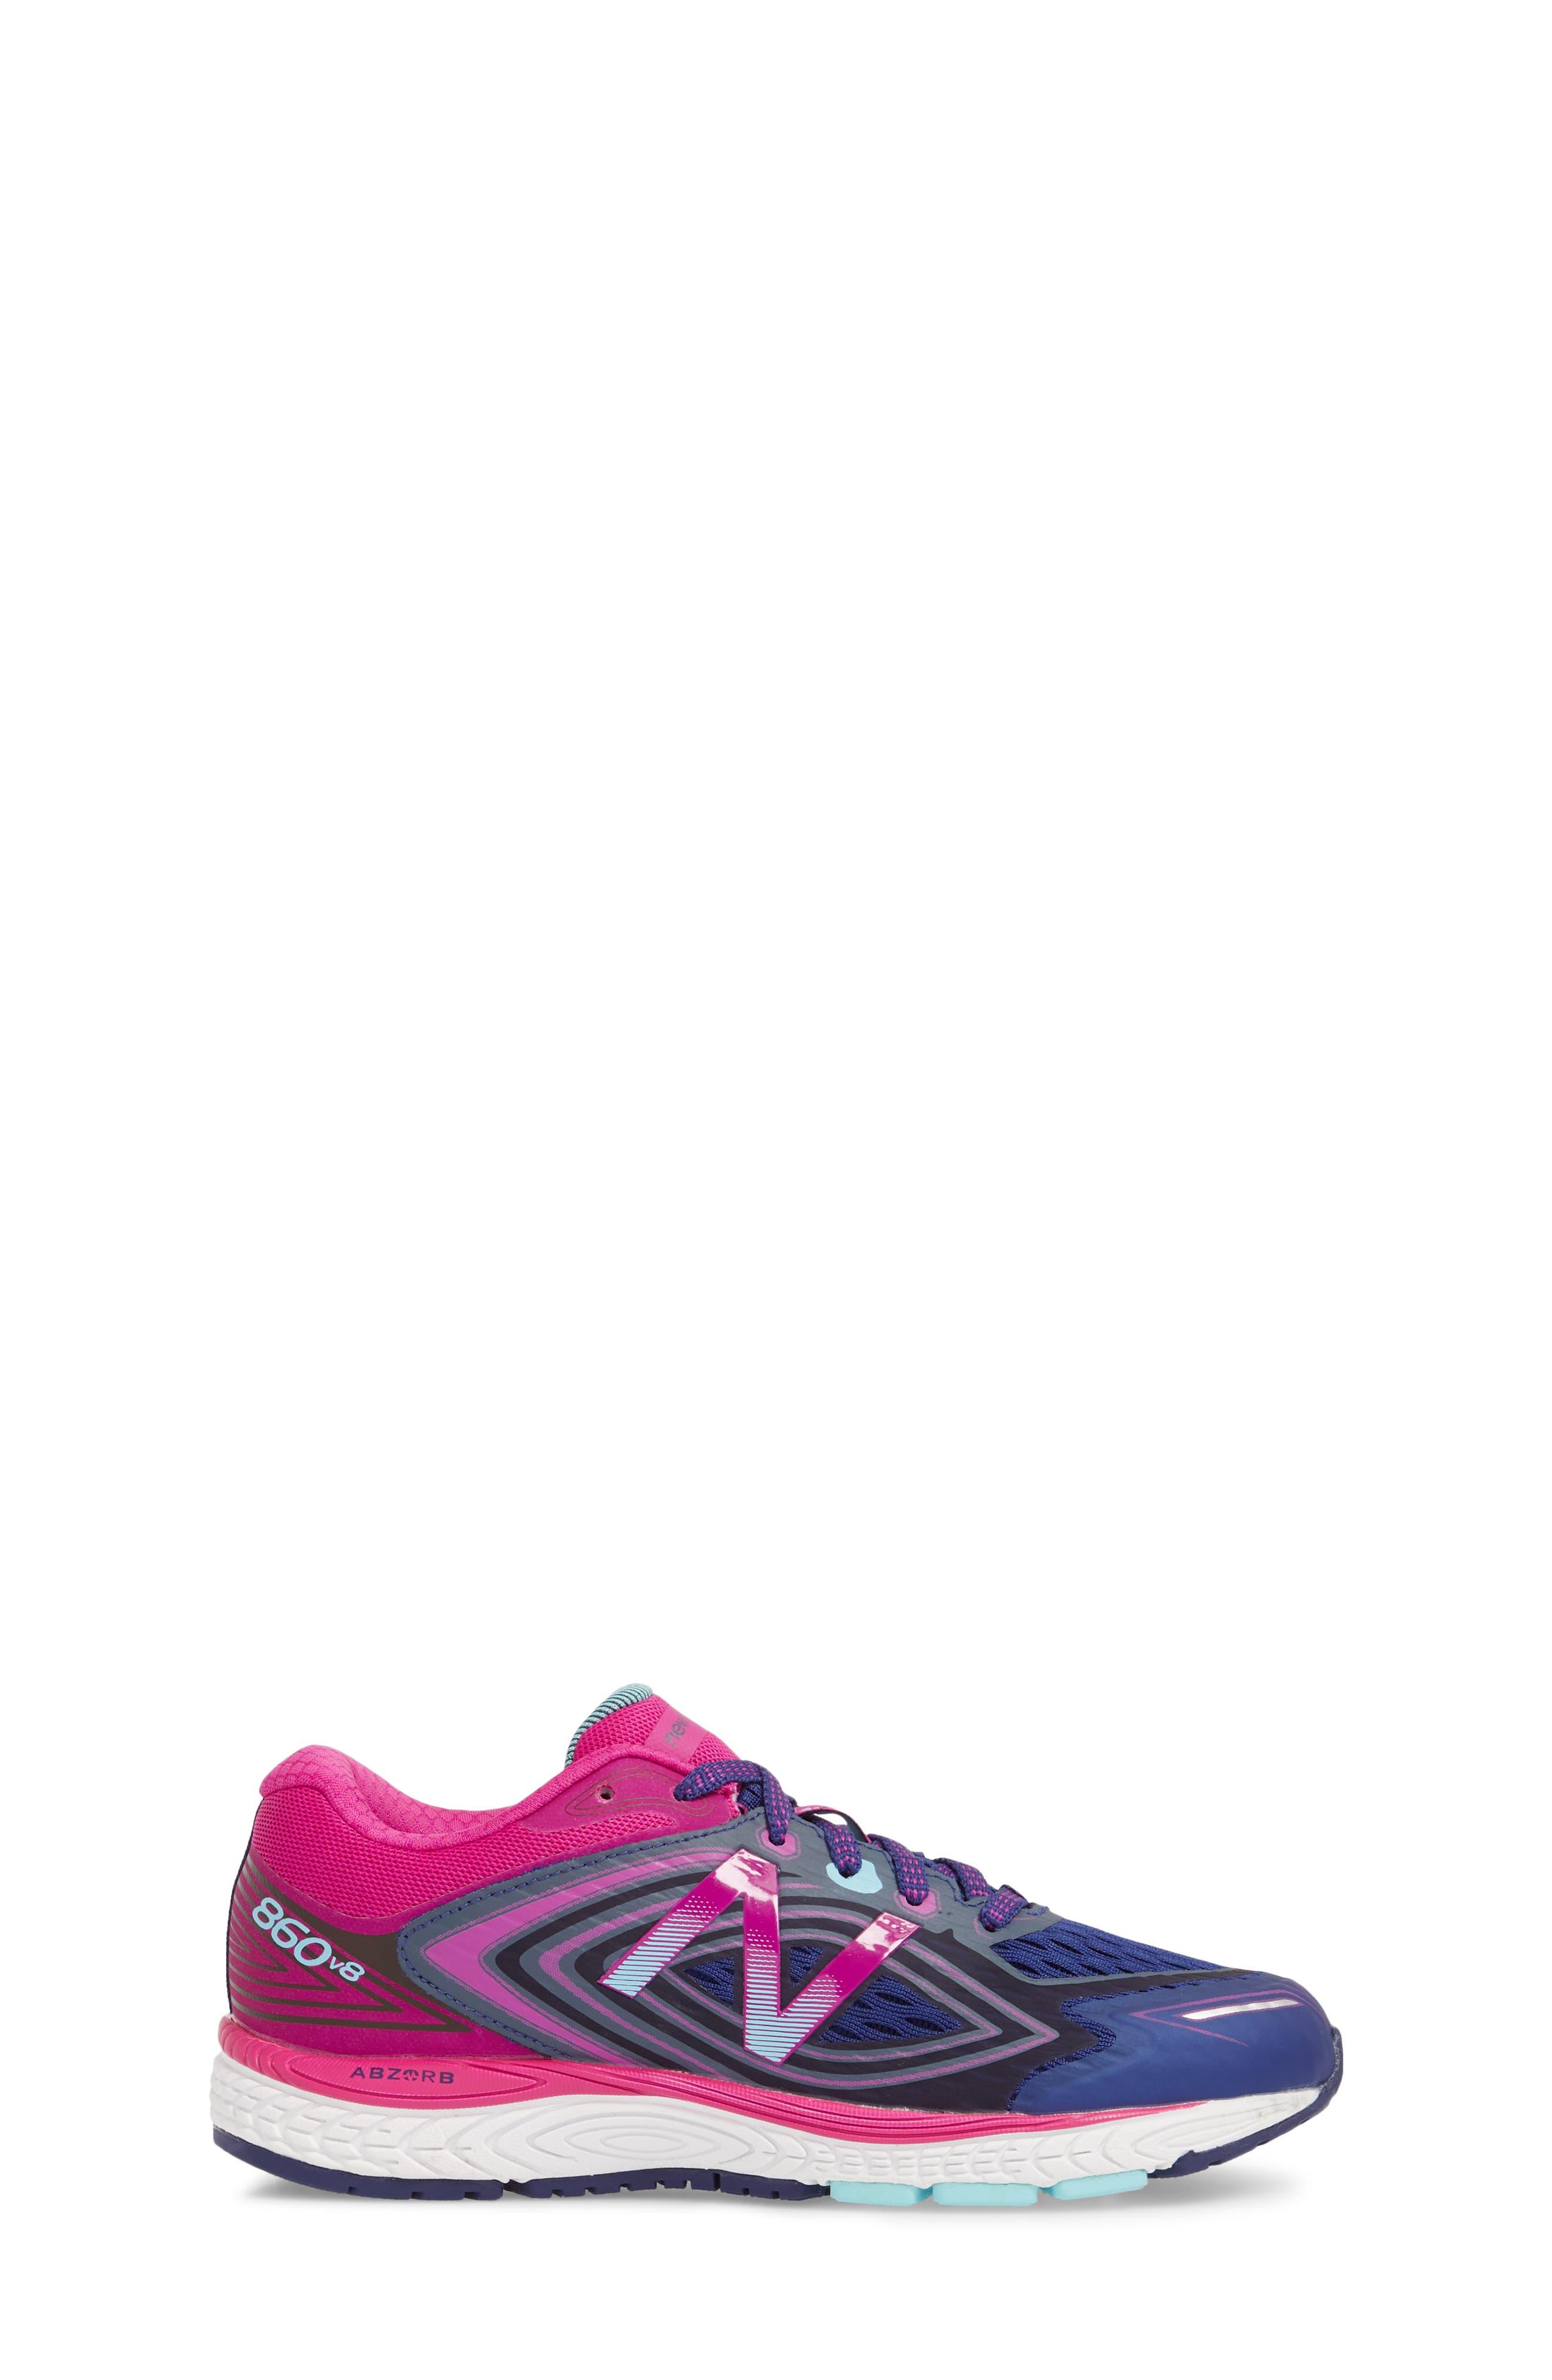 860v8 Sneaker,                             Alternate thumbnail 3, color,                             410